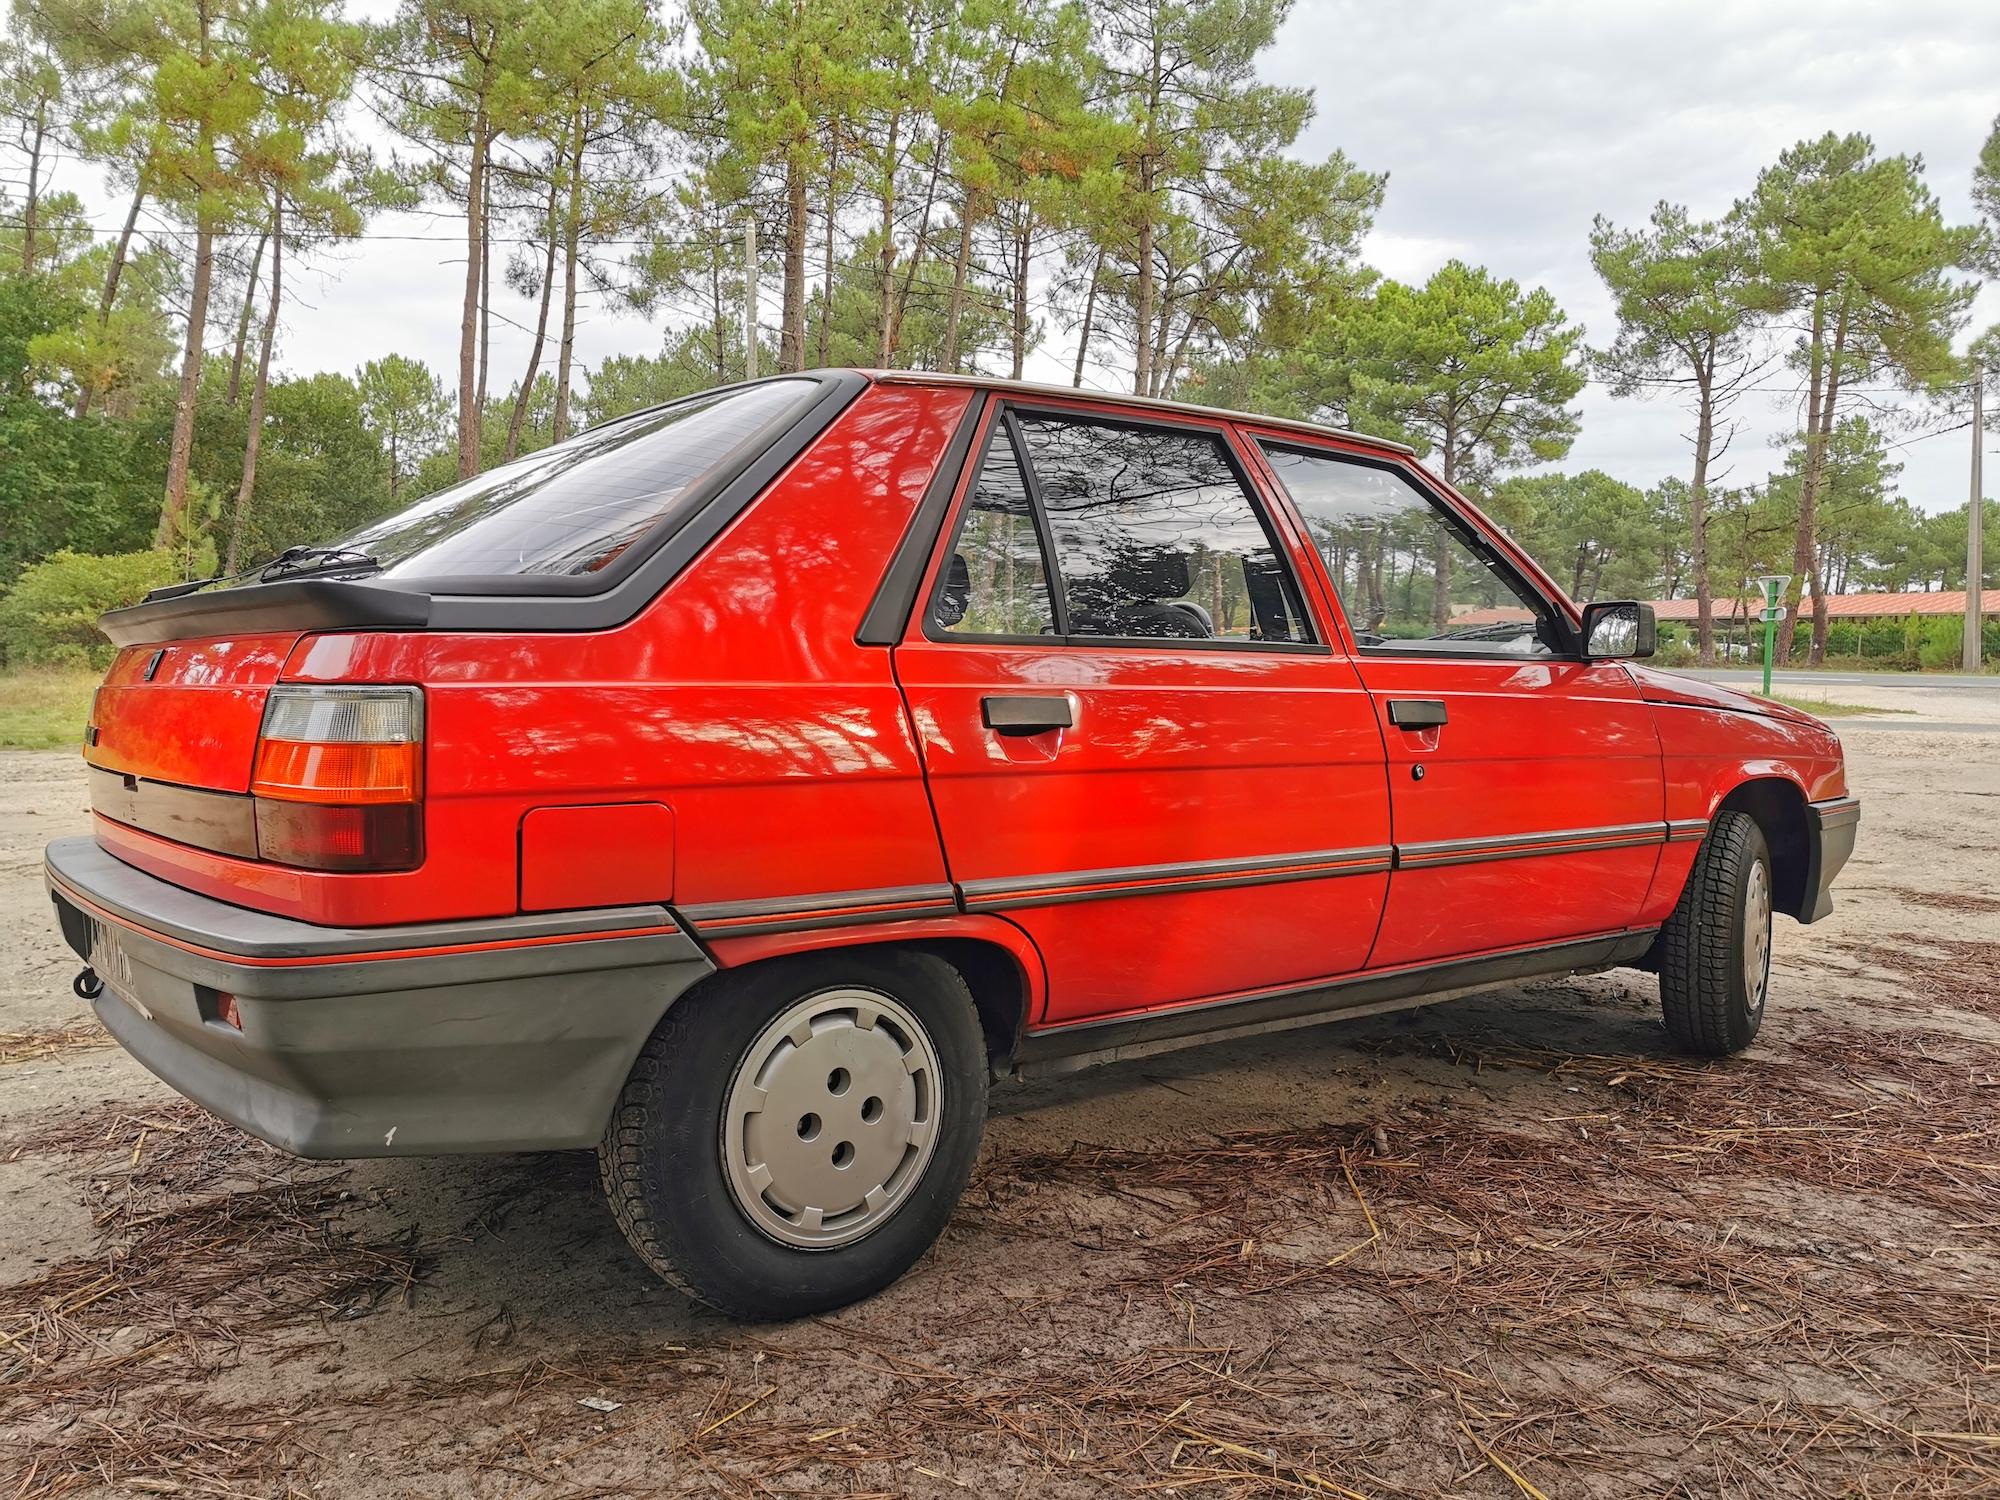 Renault R11 TL rouge dans un bel état de conservation ! (Jugez vous-même)